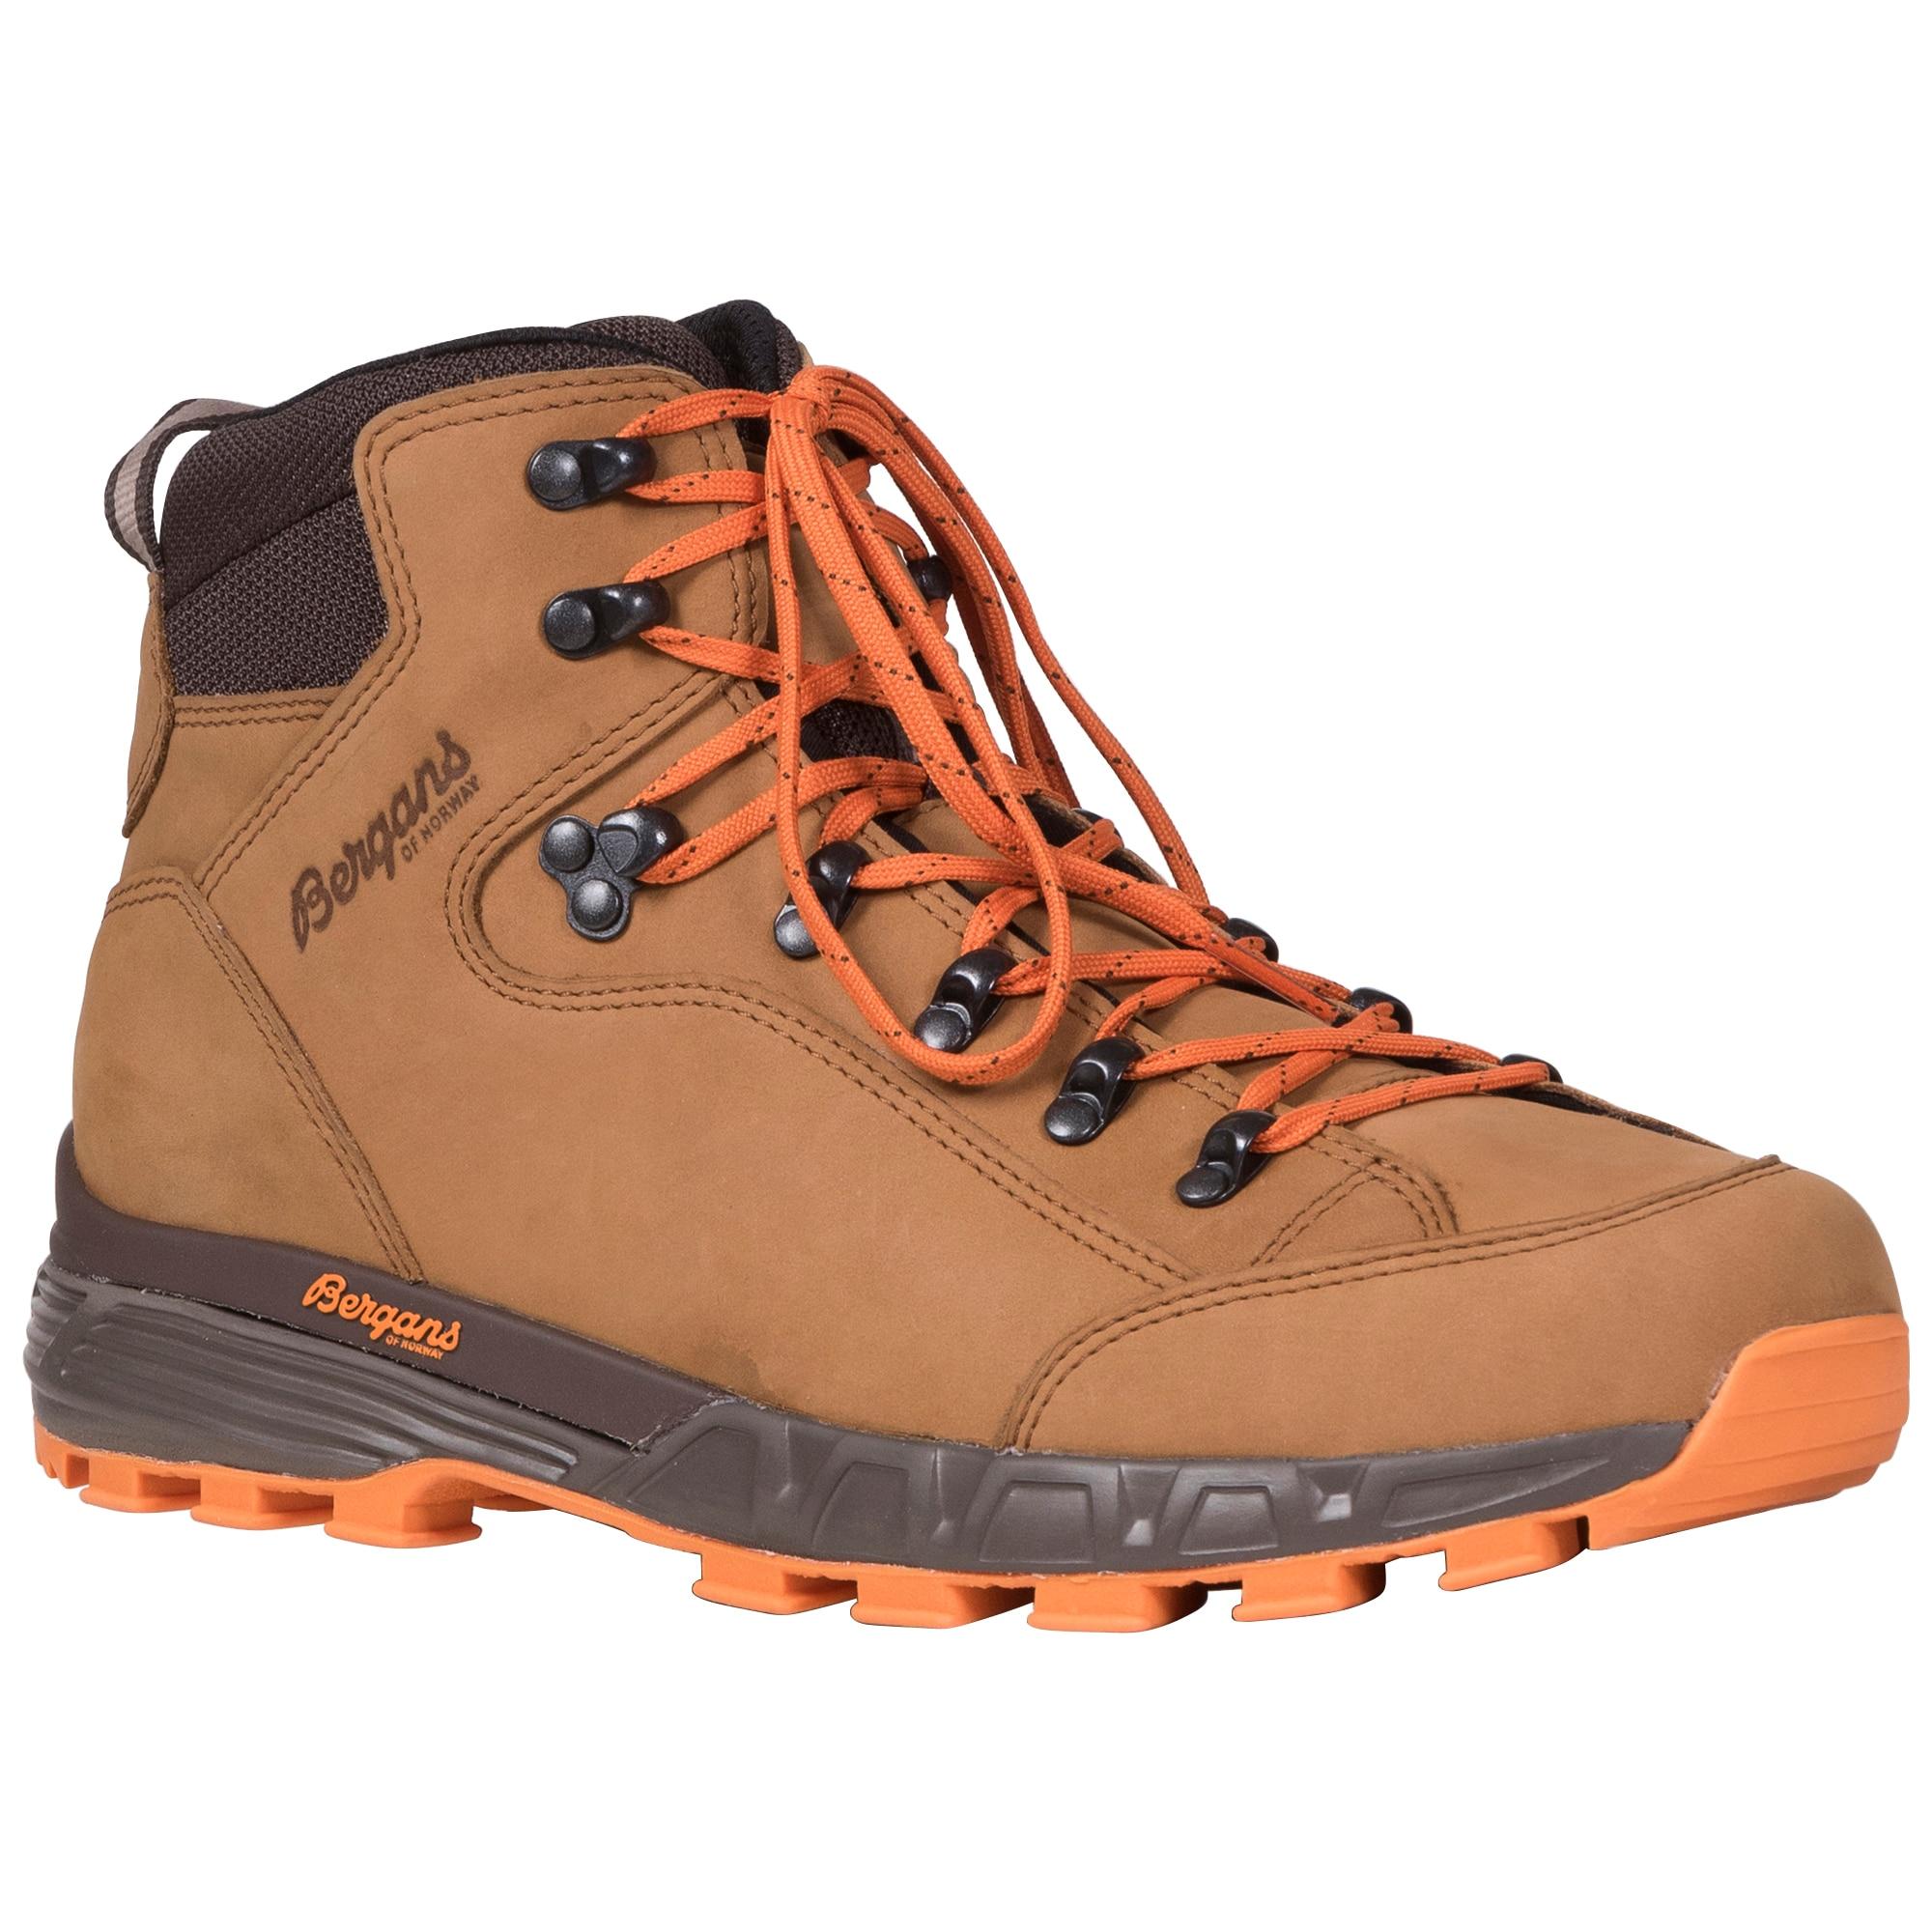 Krosshø Trekking Boot